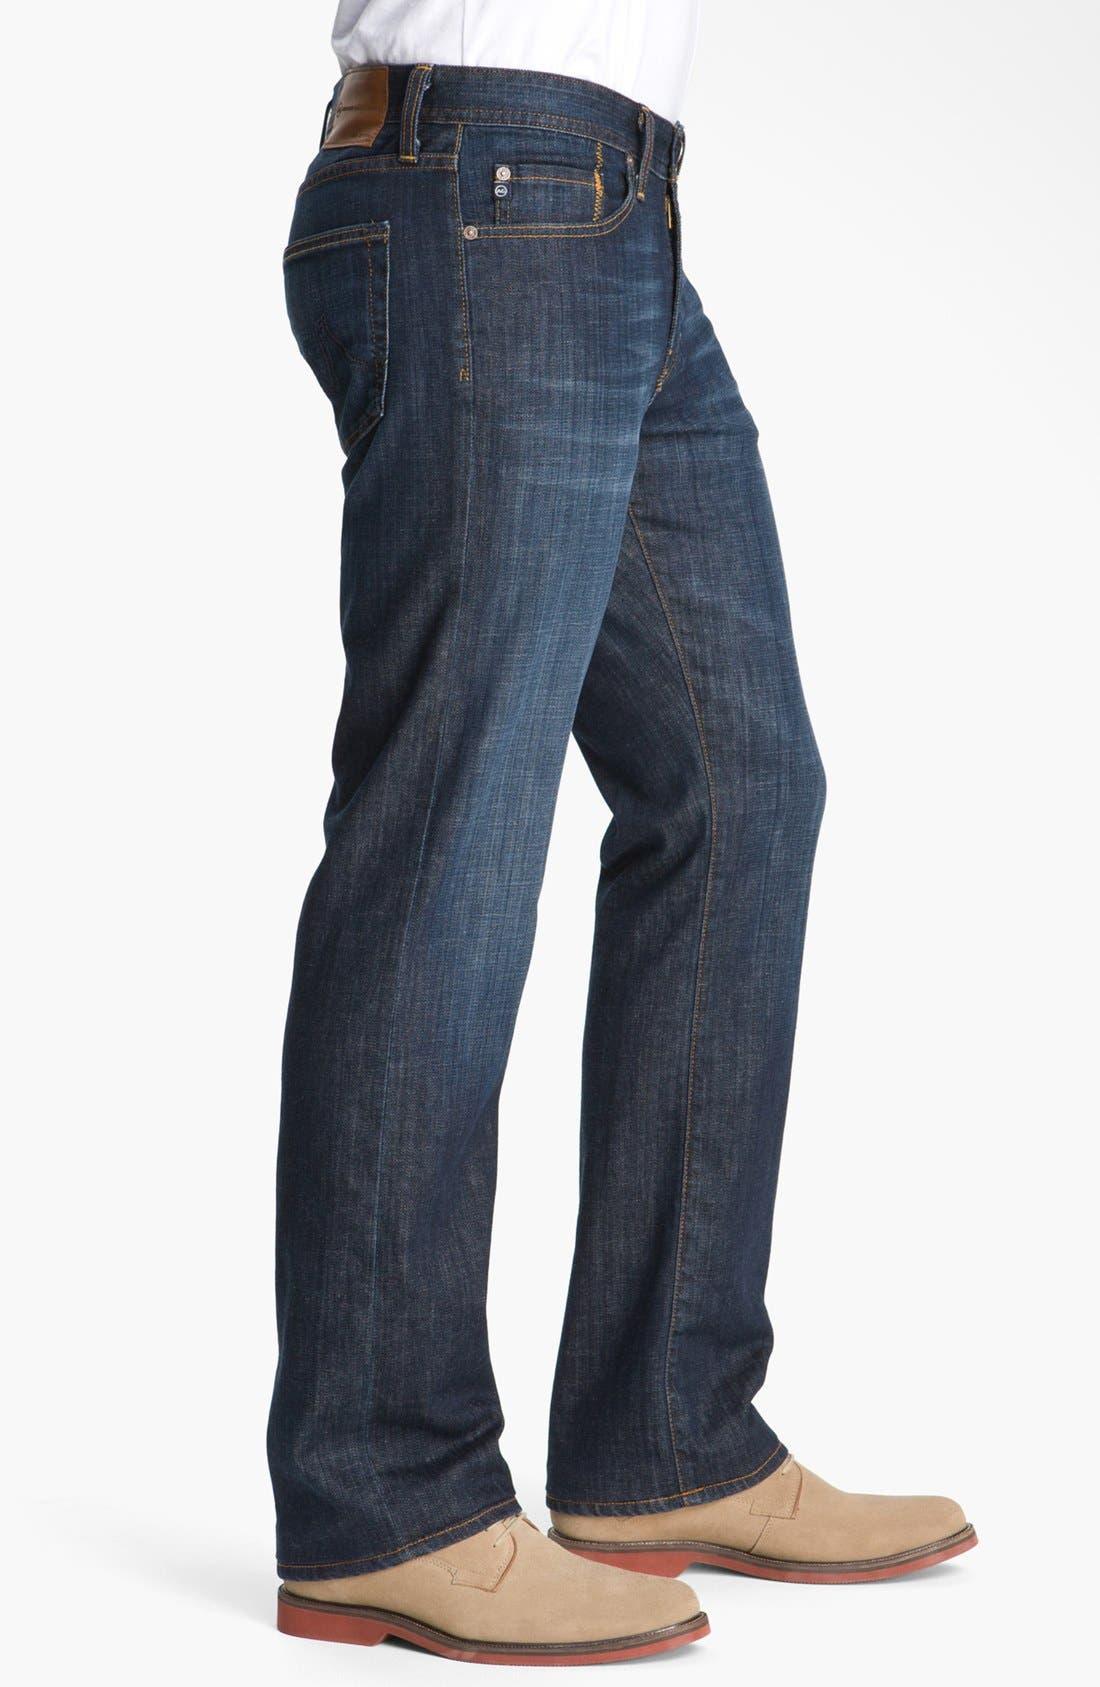 Protégé Straight Leg Jeans,                             Alternate thumbnail 4, color,                             HUNTS WASH